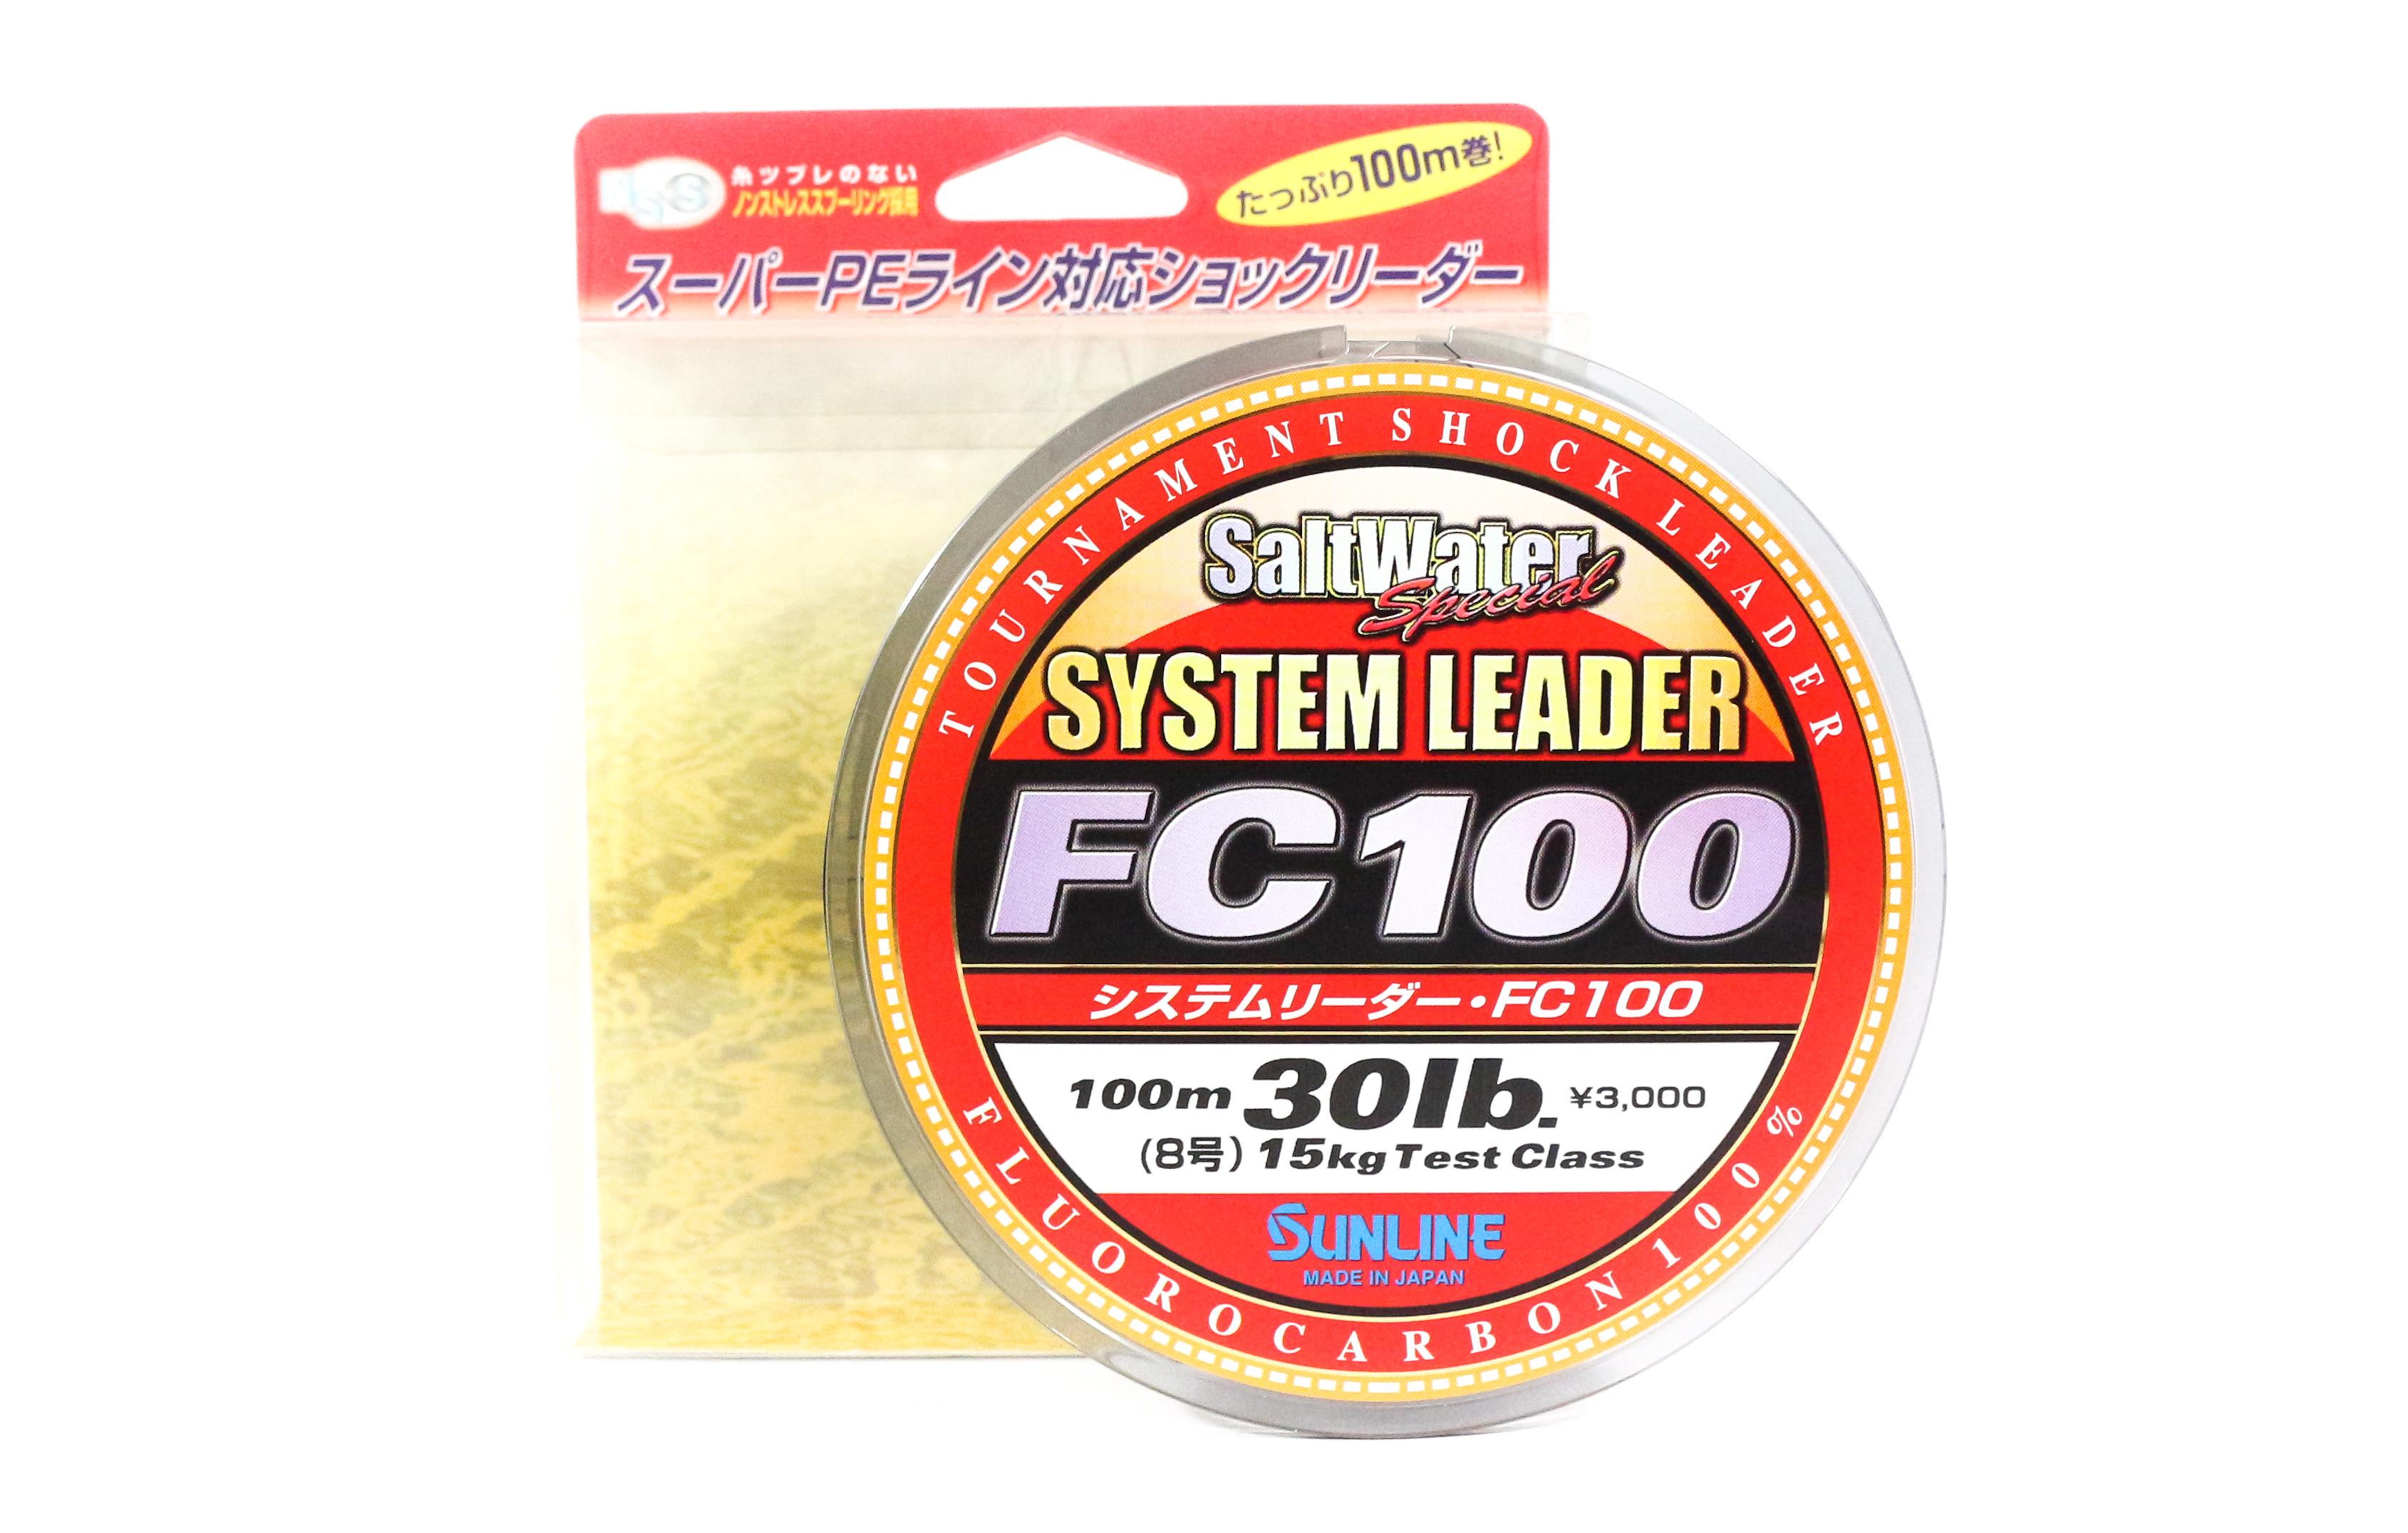 Sunline System 100 Fluorocarbon Shock Leader Line 100m 30lb (1833)